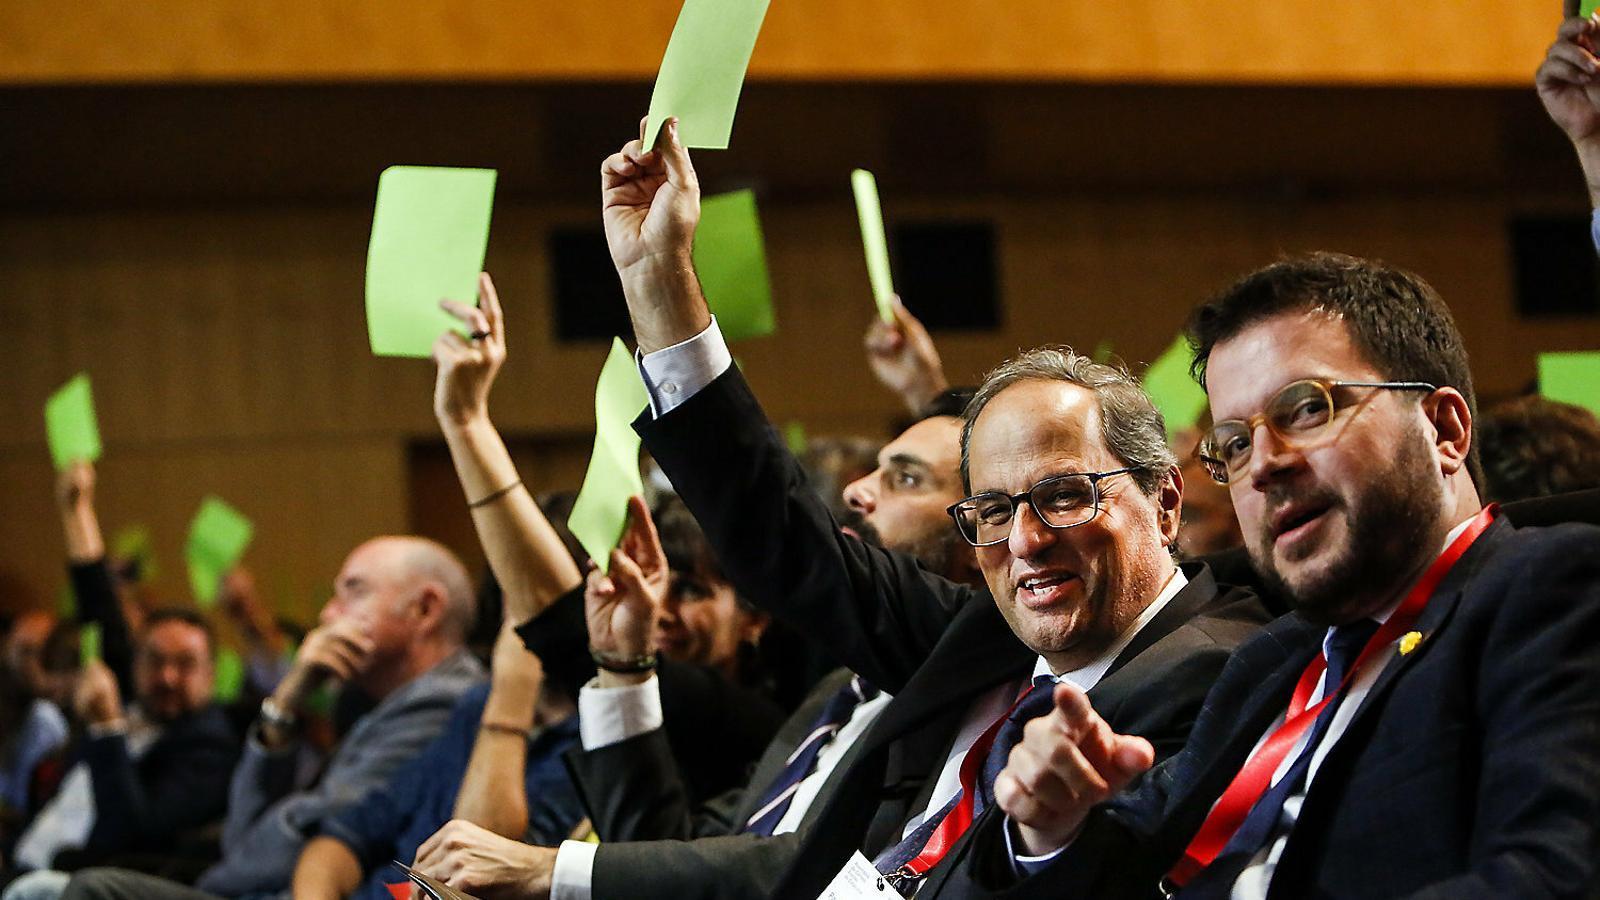 Diàleg, mobilització, amnistia i autodeterminació: els punts en comú de l'assemblea d'electes